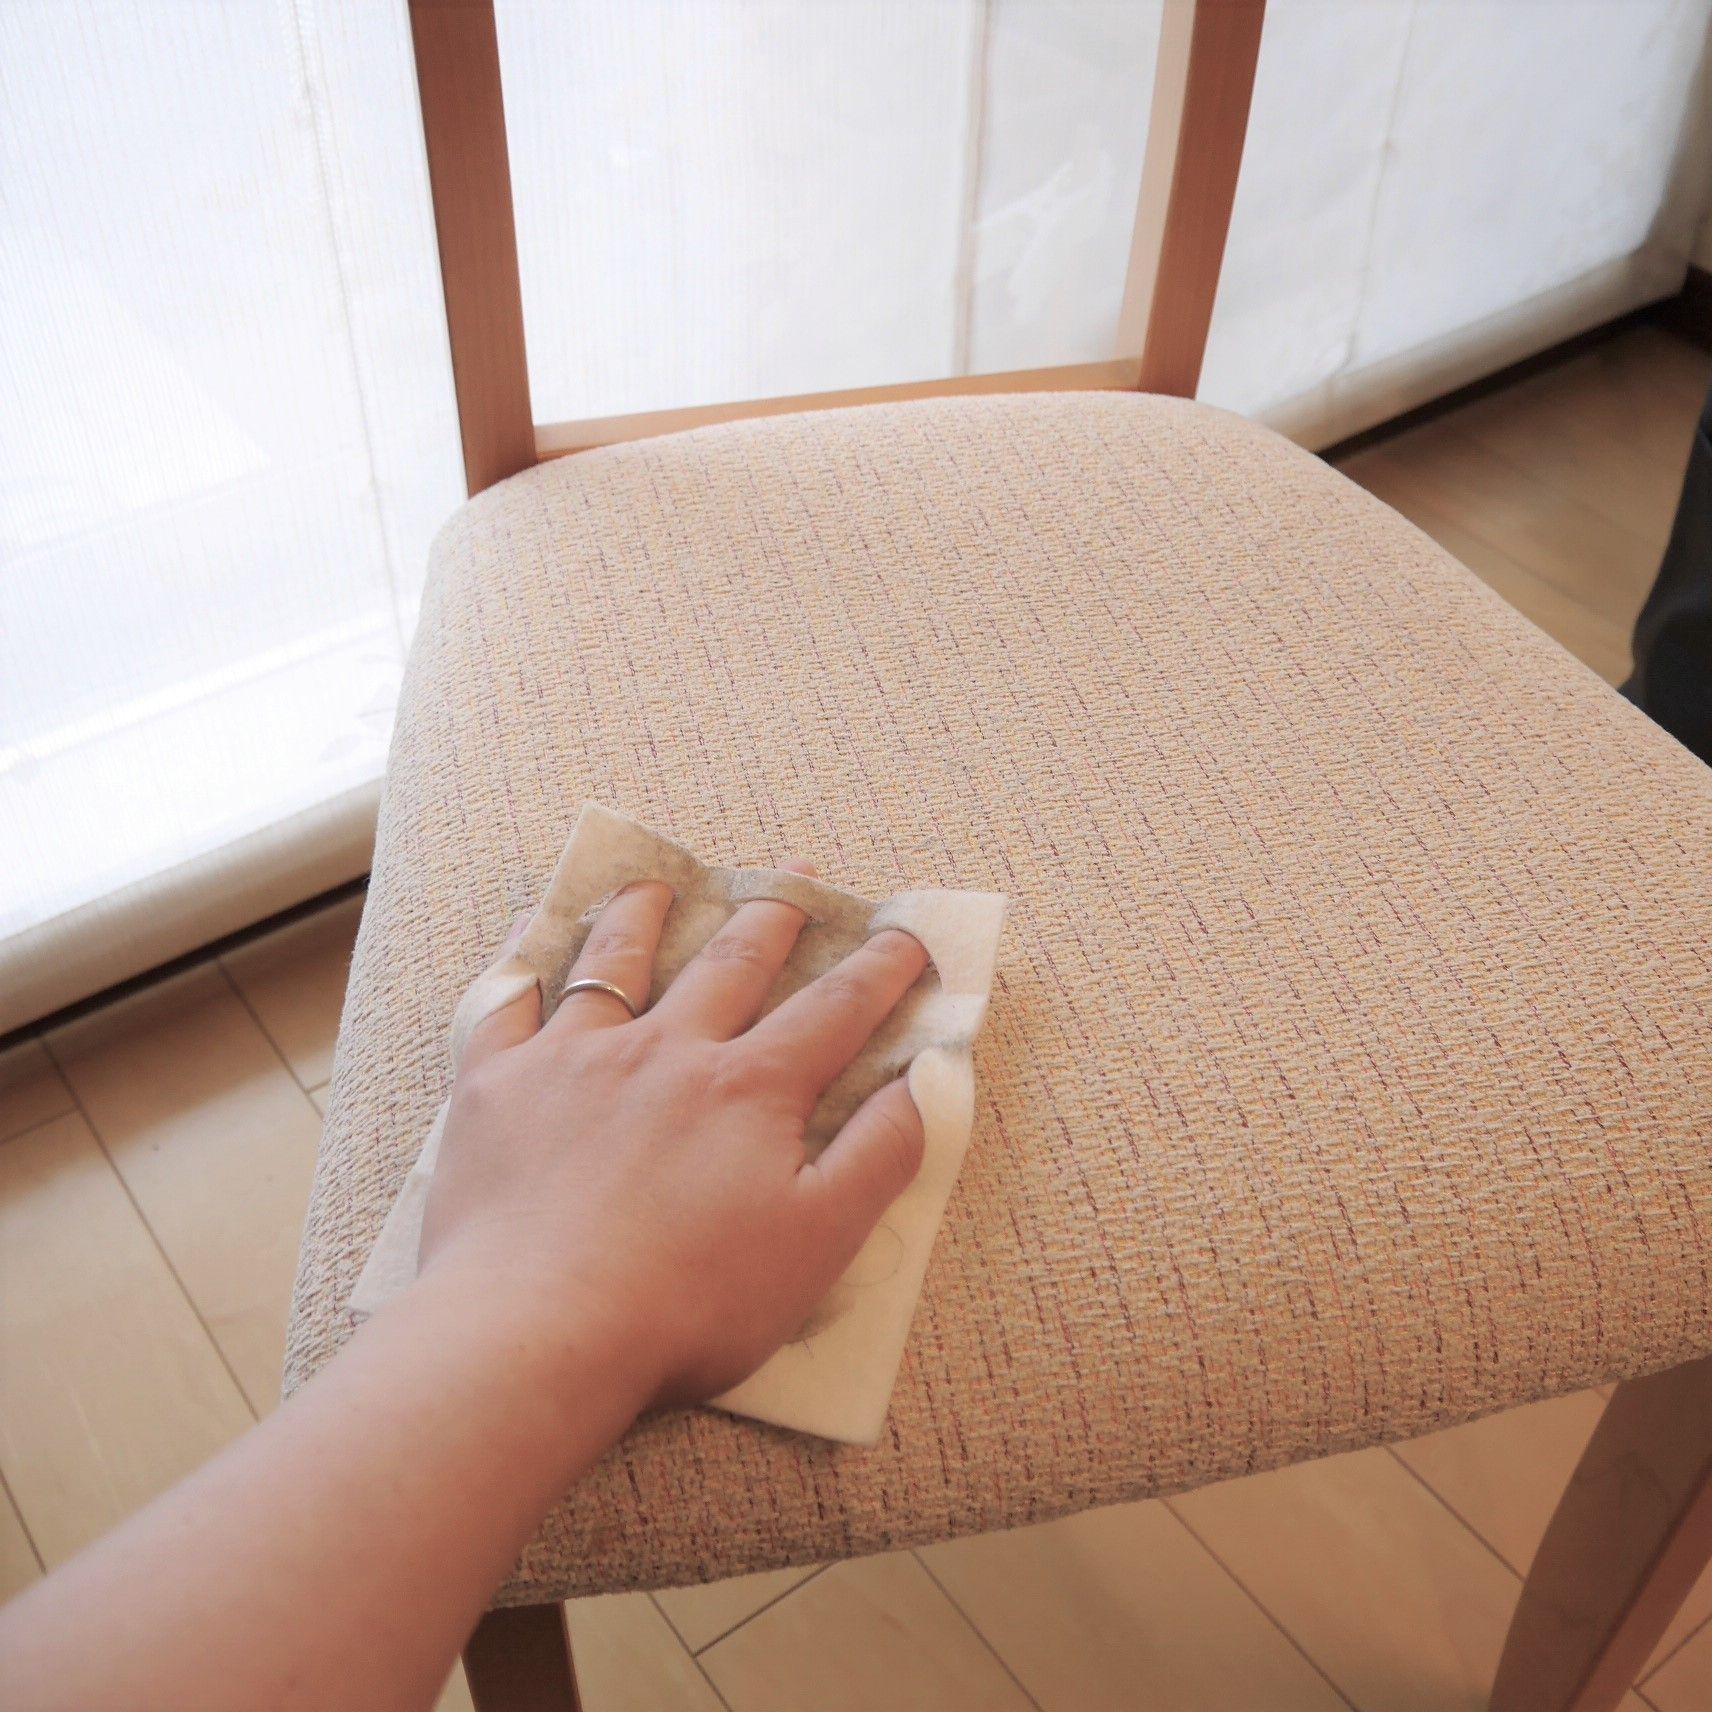 クイックル 布・カーペットウエットぶきシート_食卓用椅子